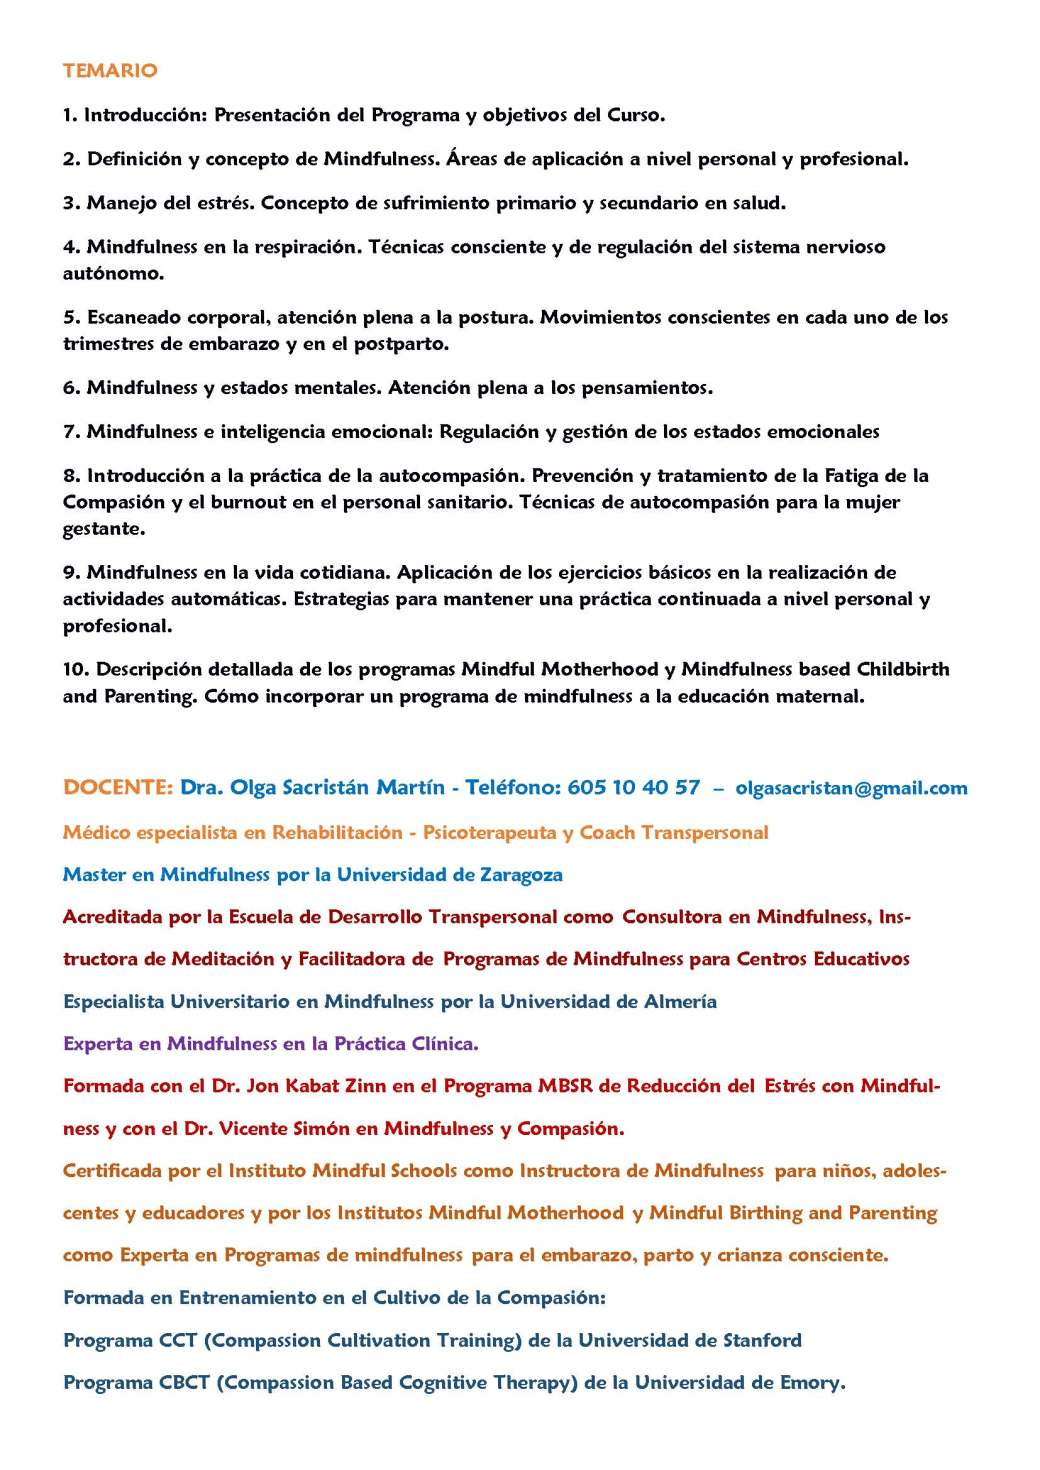 BLOG MINDFULNESS EN EL EMBARAZO_Página_7